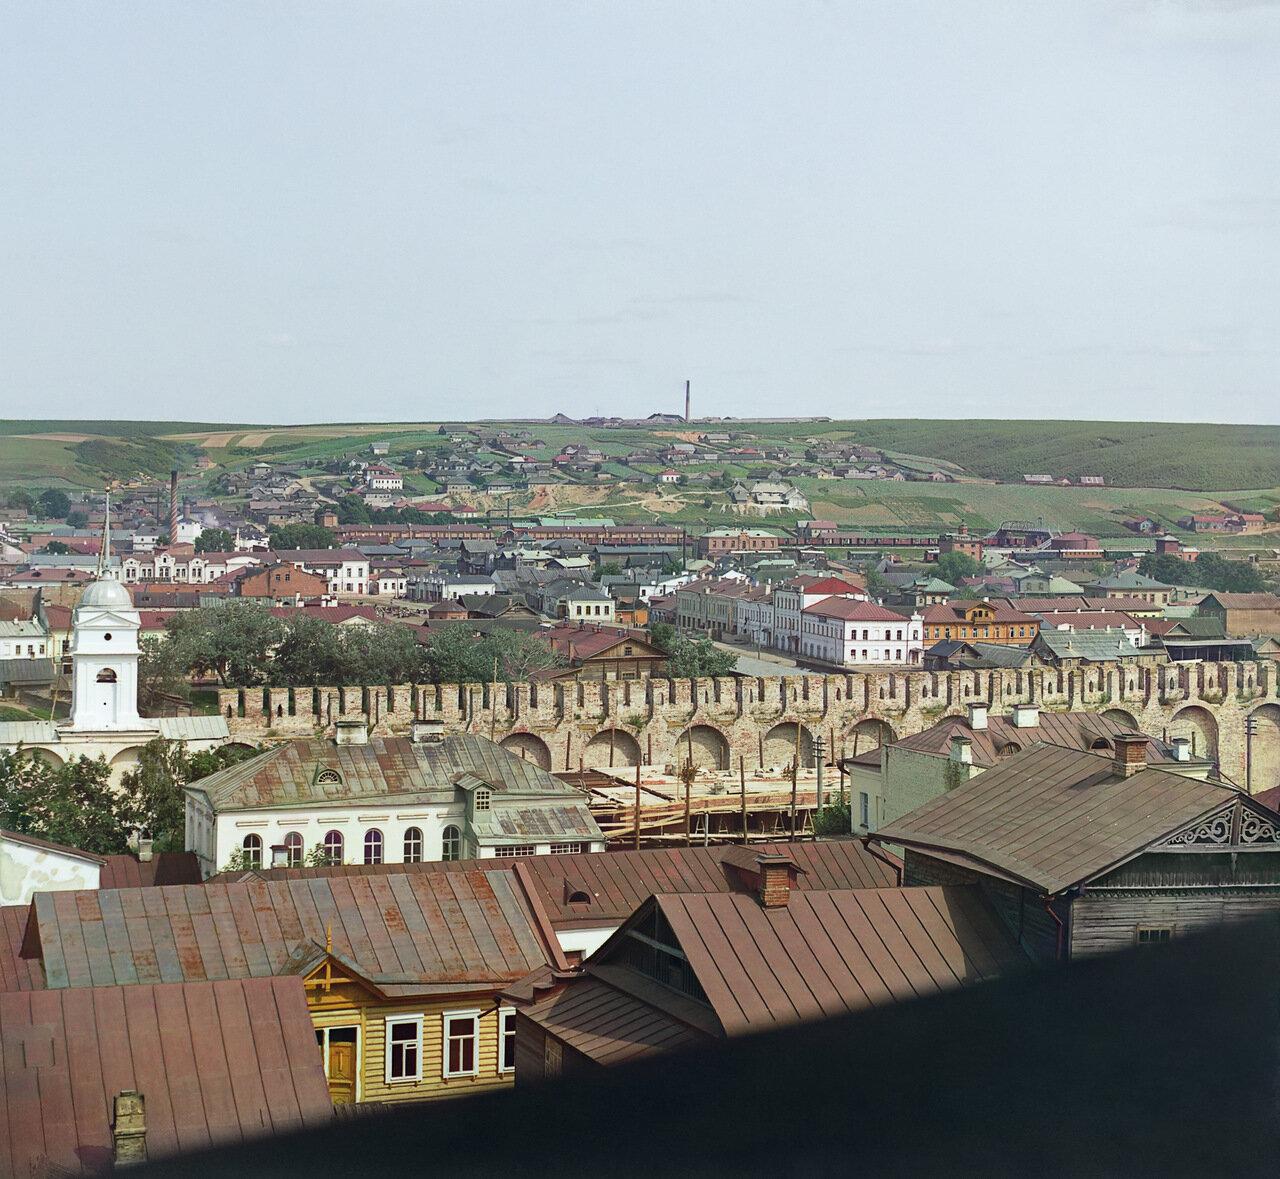 Северо-восточная часть Смоленска с крепостной стеной